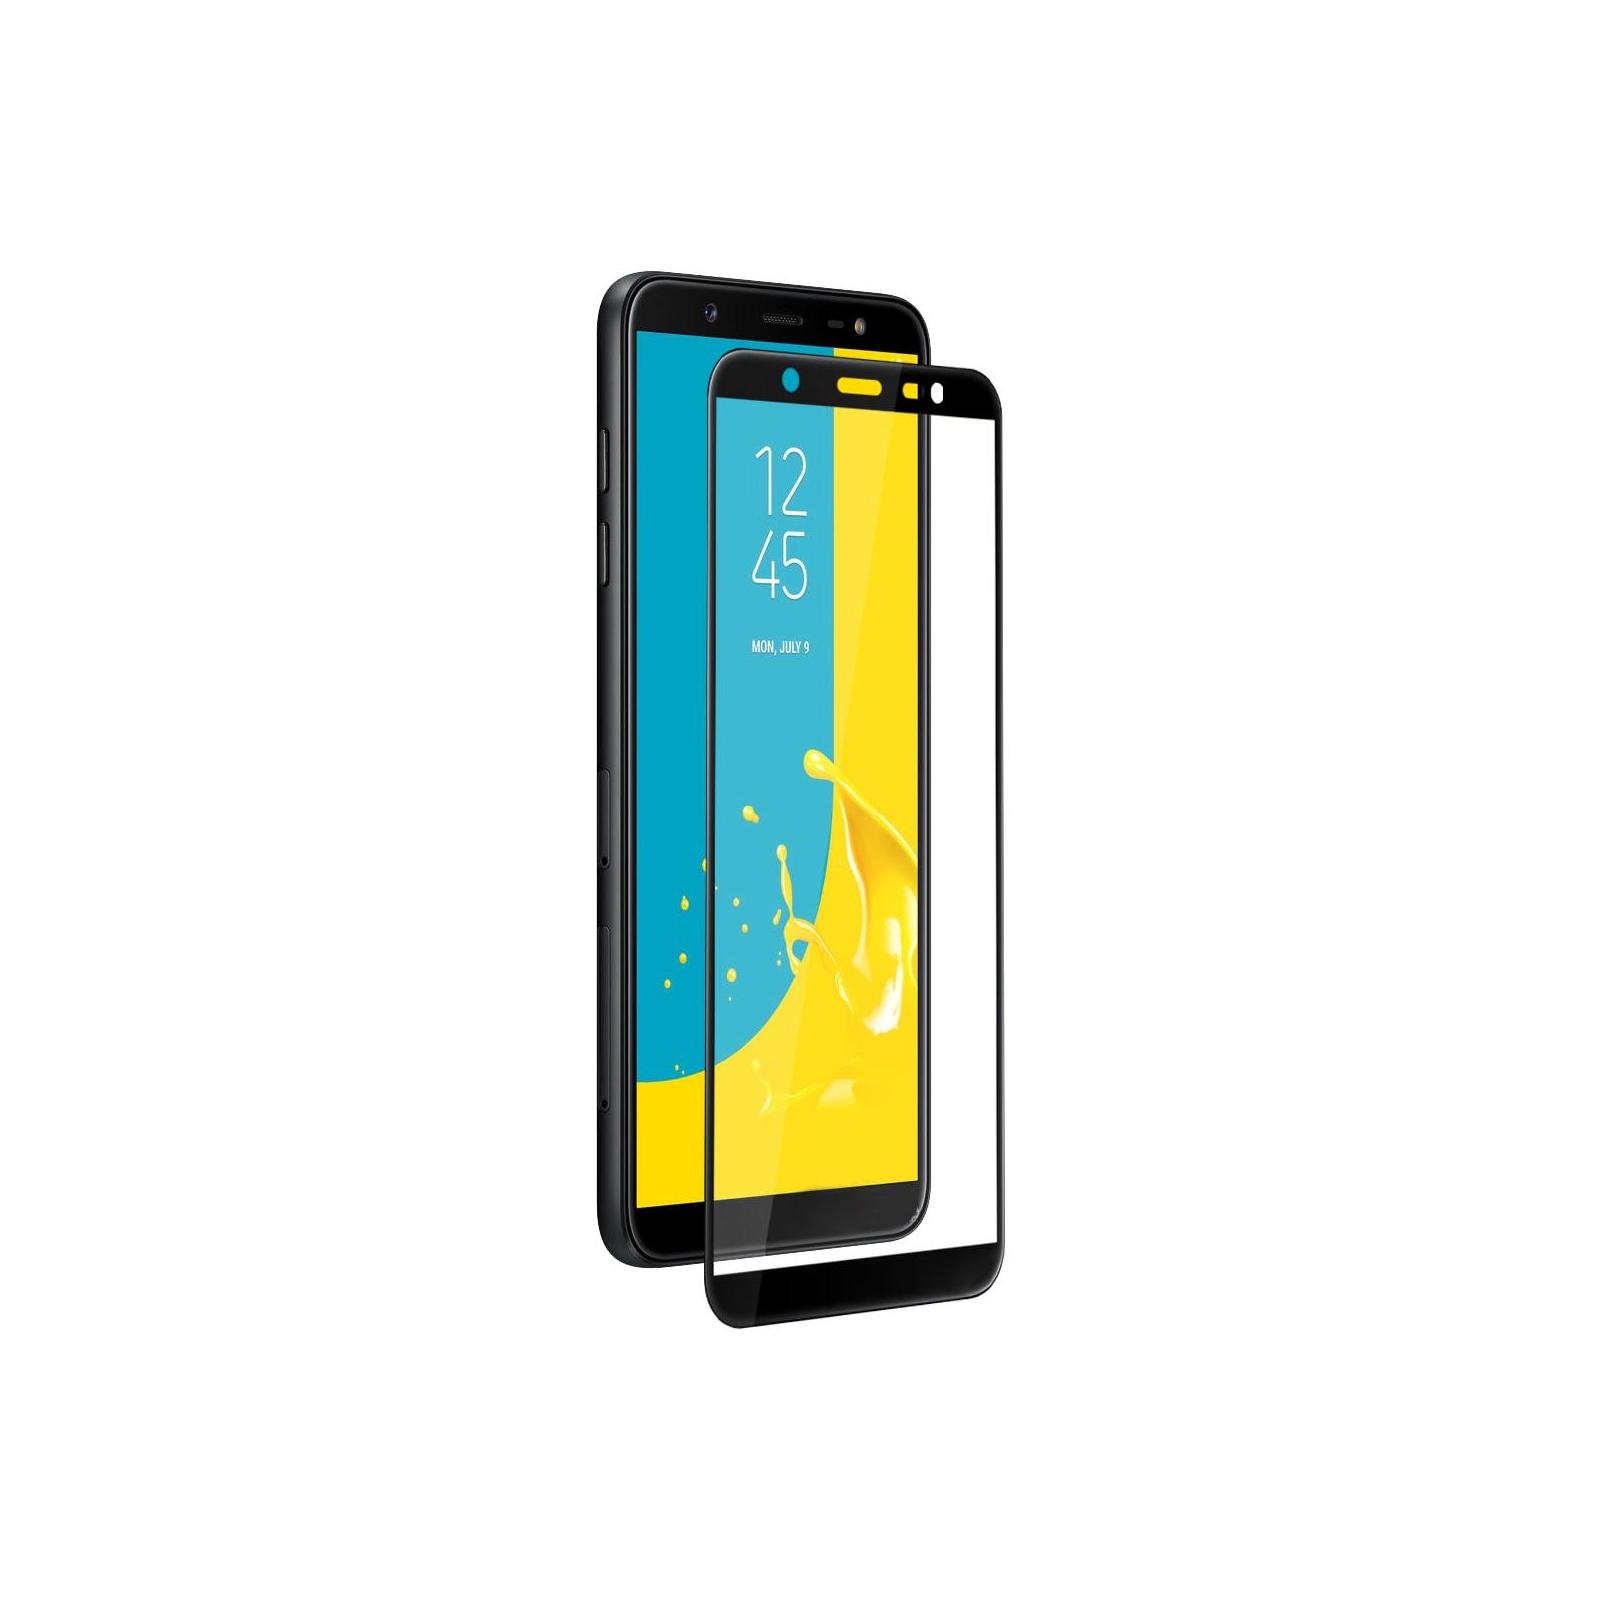 Стекло защитное Vinga для Samsung Galaxy J6 (2018) J600 (VTPGS-J600) изображение 2